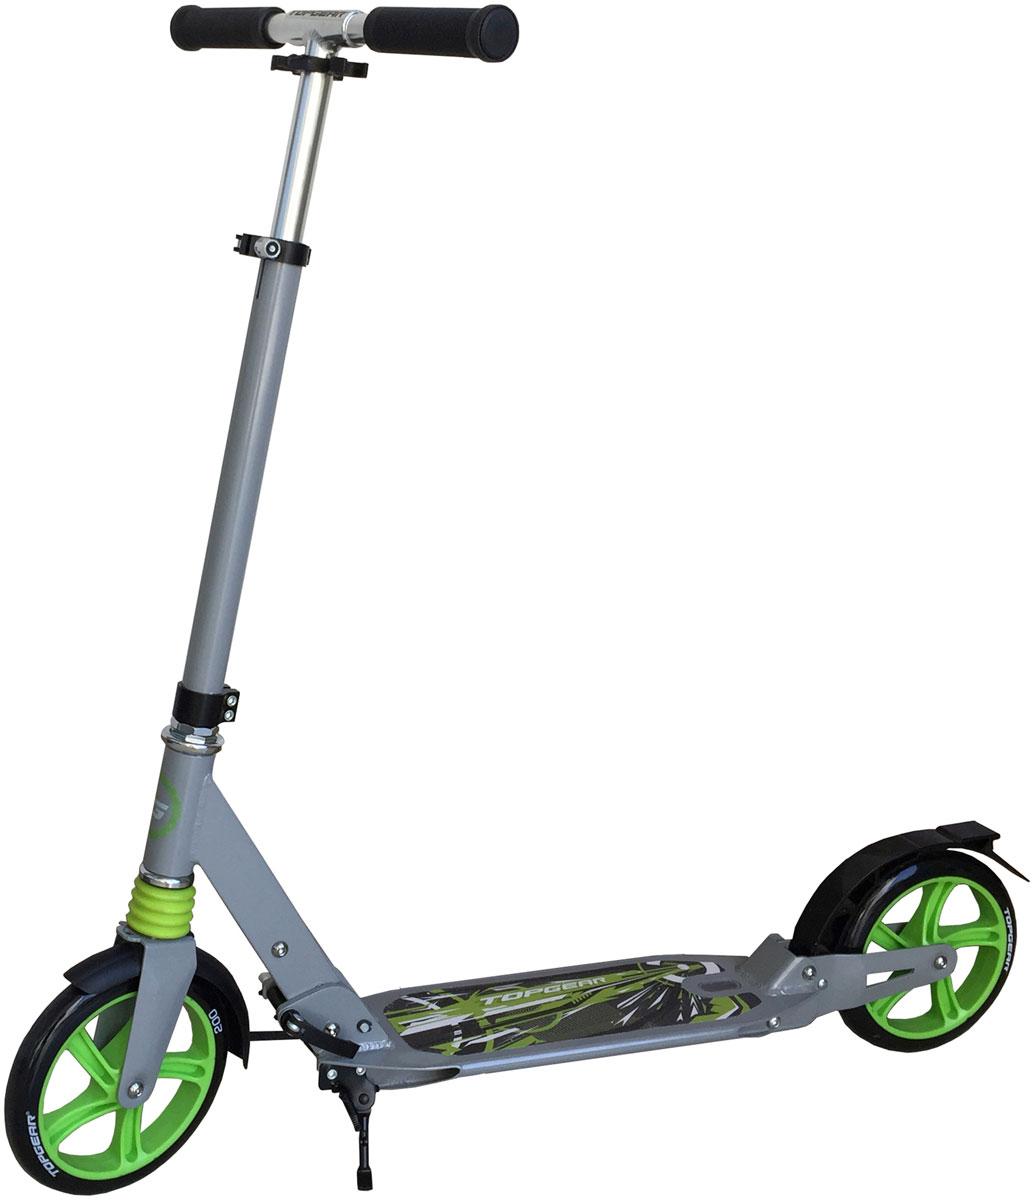 Самокат 1 Toy TopGear, 3-колесный. Т58460Т58460Самокат двухколесный Top Gear с максимальной нагрузкой до 100 кг прекрасно подойдет как для детей, так и для взрослых Диаметр переднего/заднего колеса: 200 мм Штук в коробке: 4 Материал: алюминий Размер самоката (см): 94х13,5х107 Масса самоката (кг): 5,2 Индивидуальная цветная упаковка Материал колес: полиуретан Передний амортизатор Задний амортизатор Ремень Подножка Тормоз